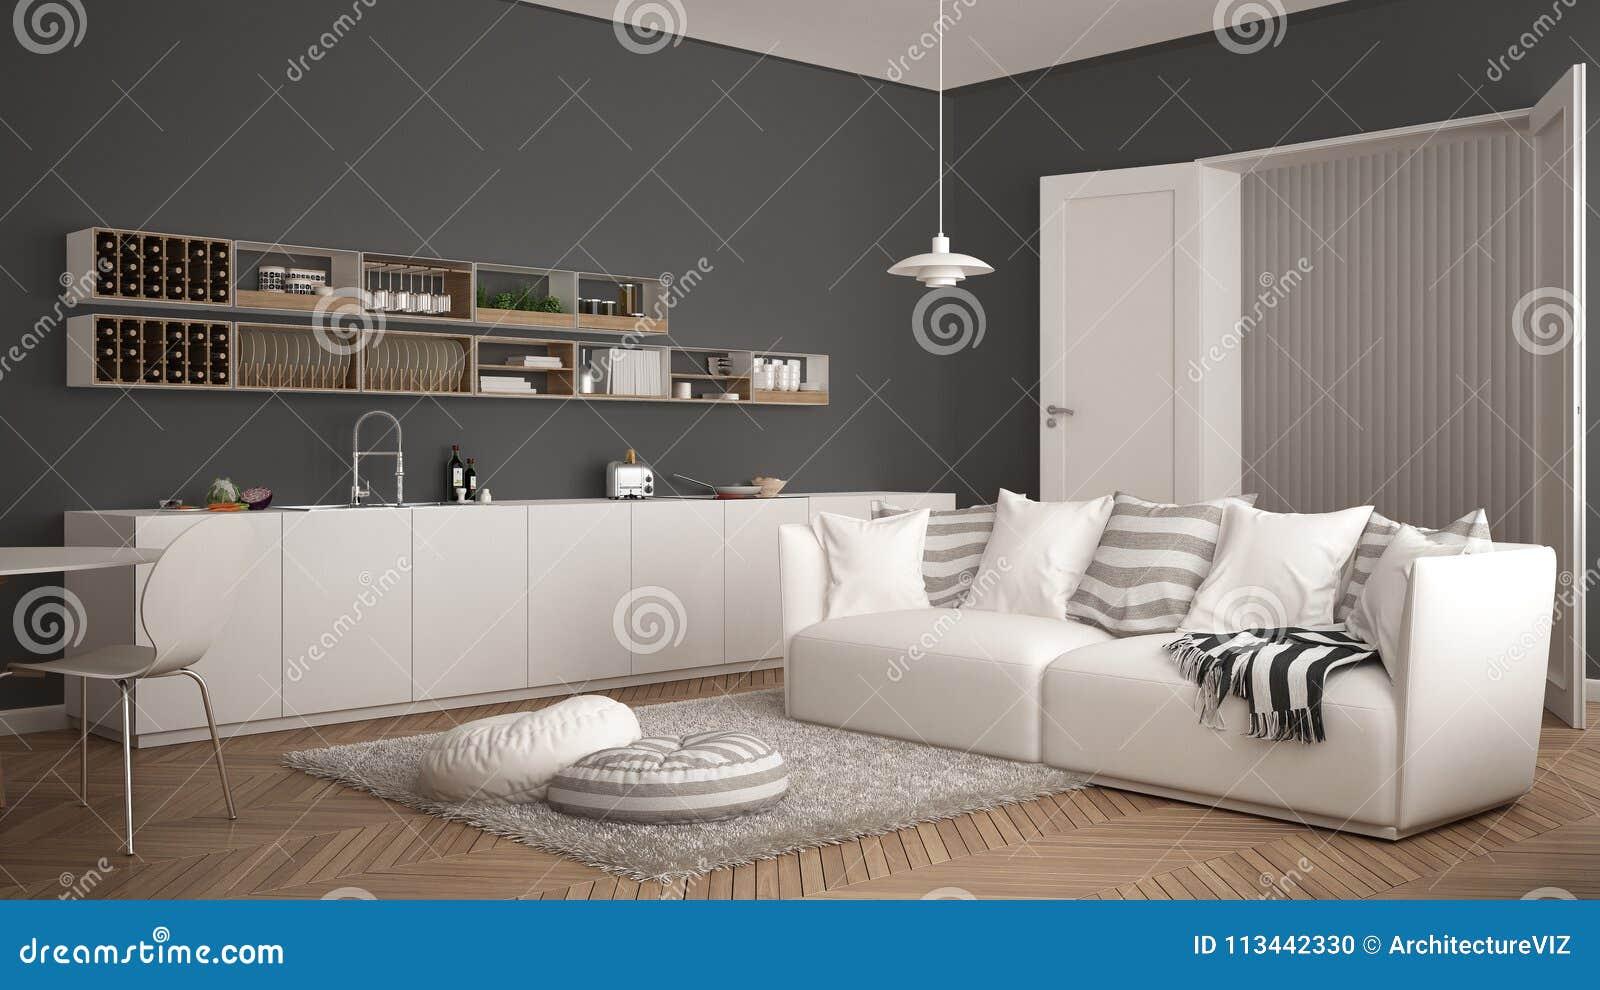 Skandinavisches Modernes Wohnzimmer Mit Küche, Speisetisch, Sofa Und ...